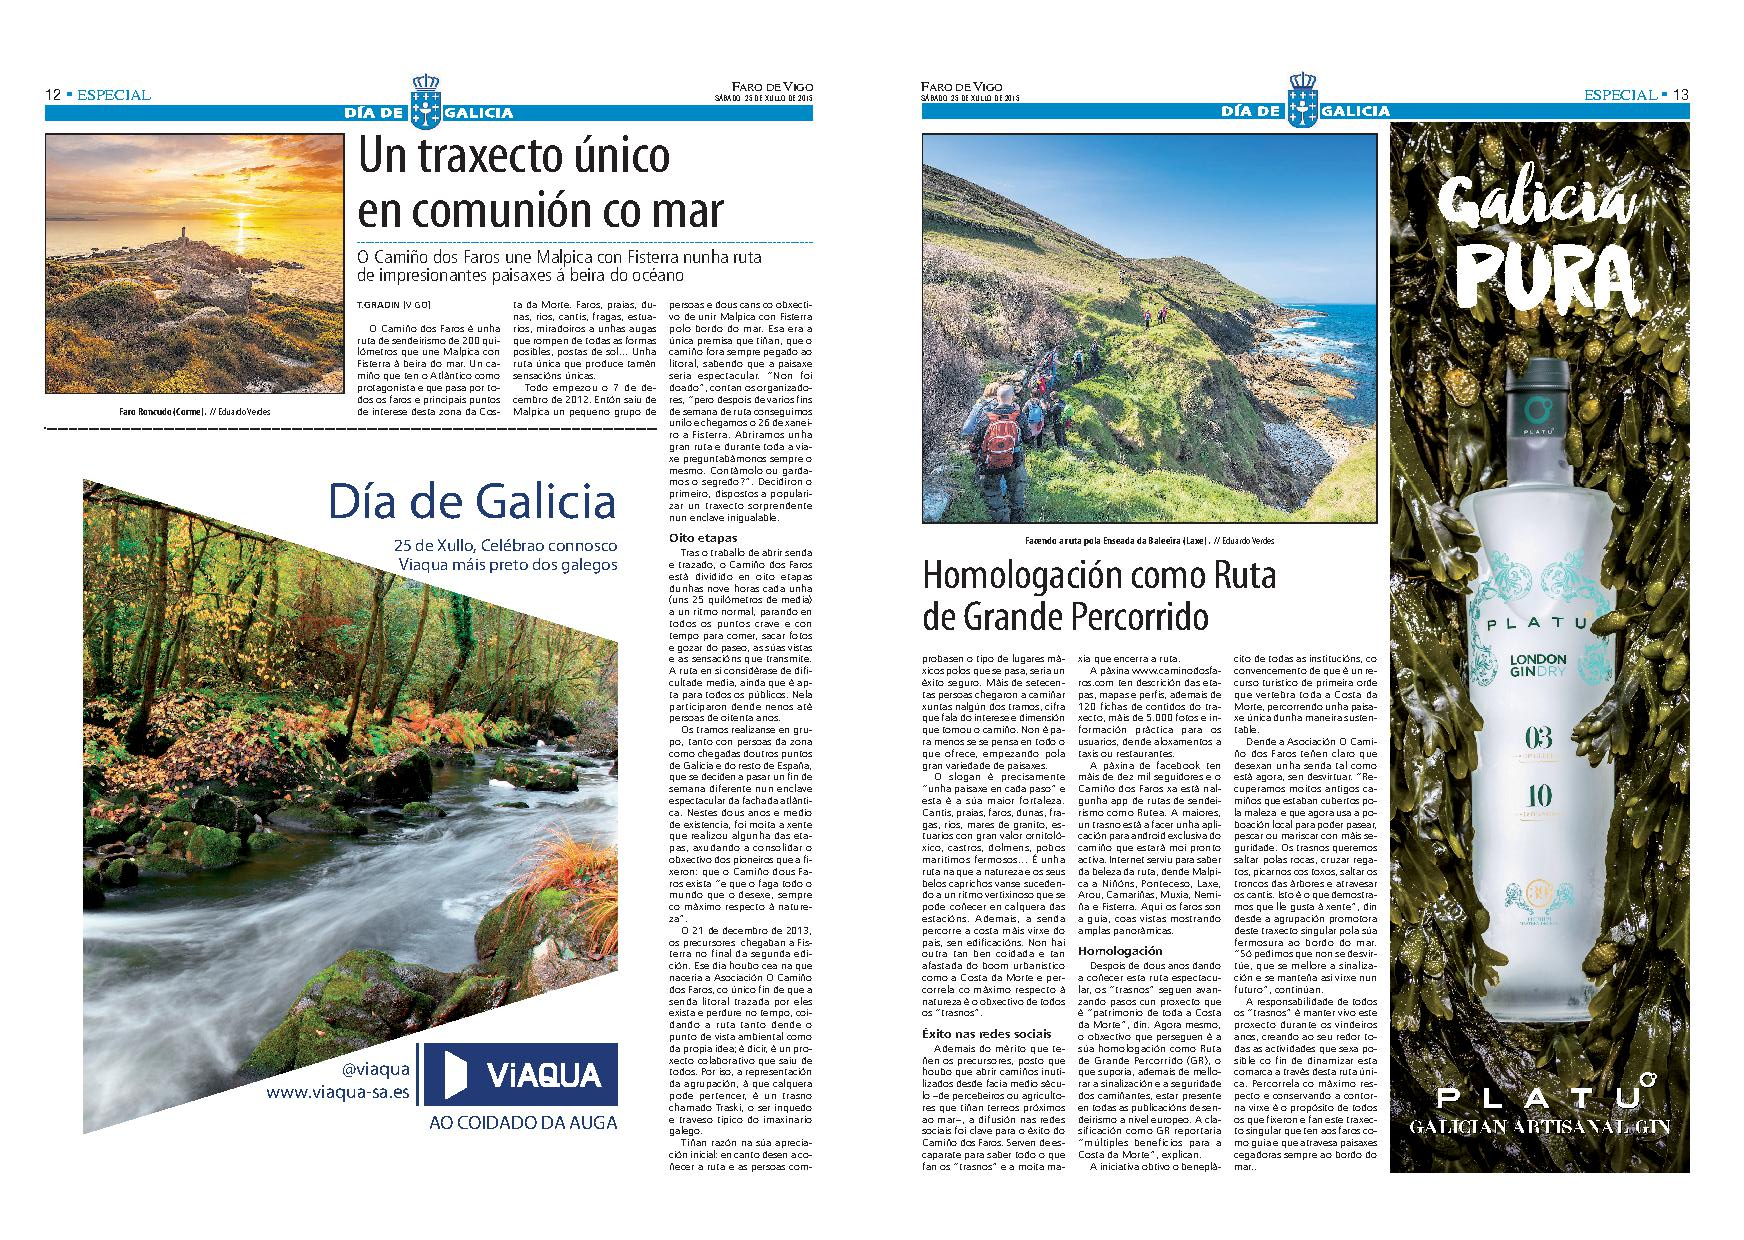 Camiño dos Faros-Faro de Vigo